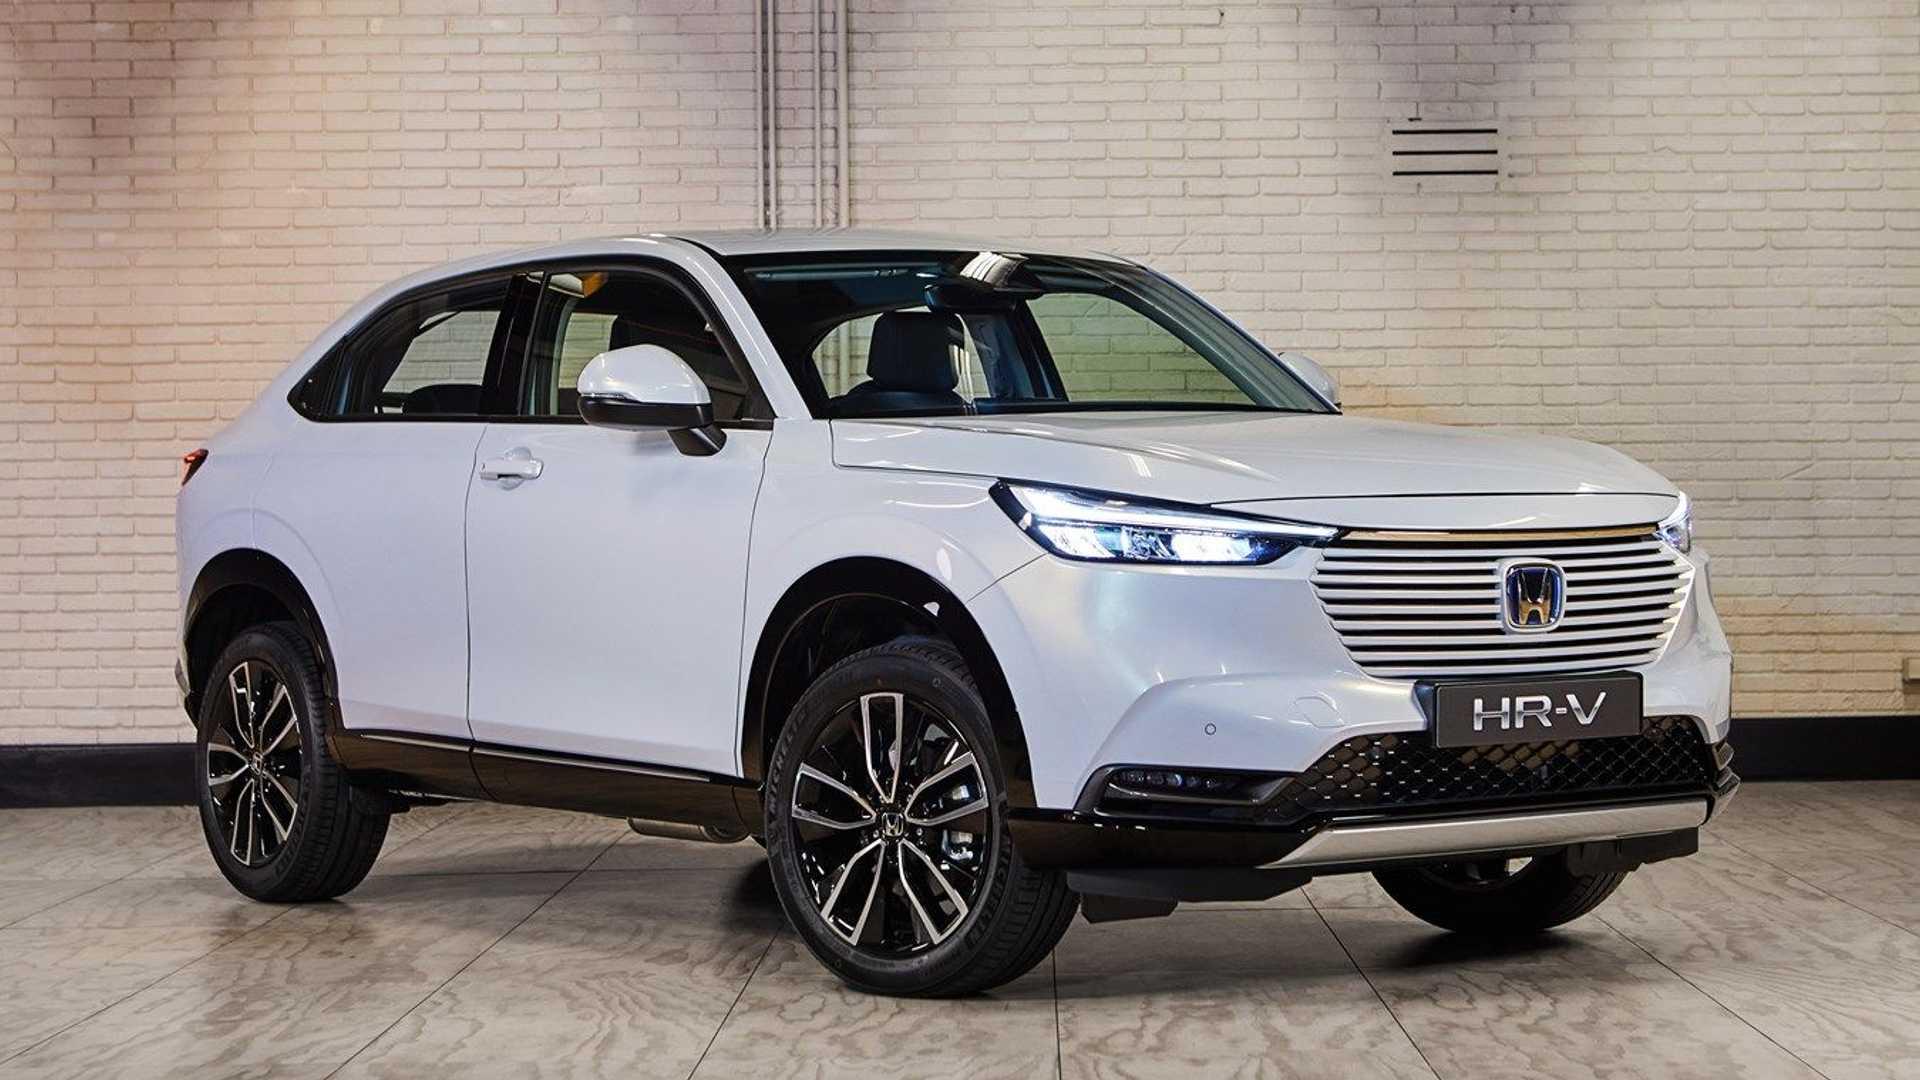 Honda HR-V e:HEV: El SUV híbrido arranca en los 30.500 euros